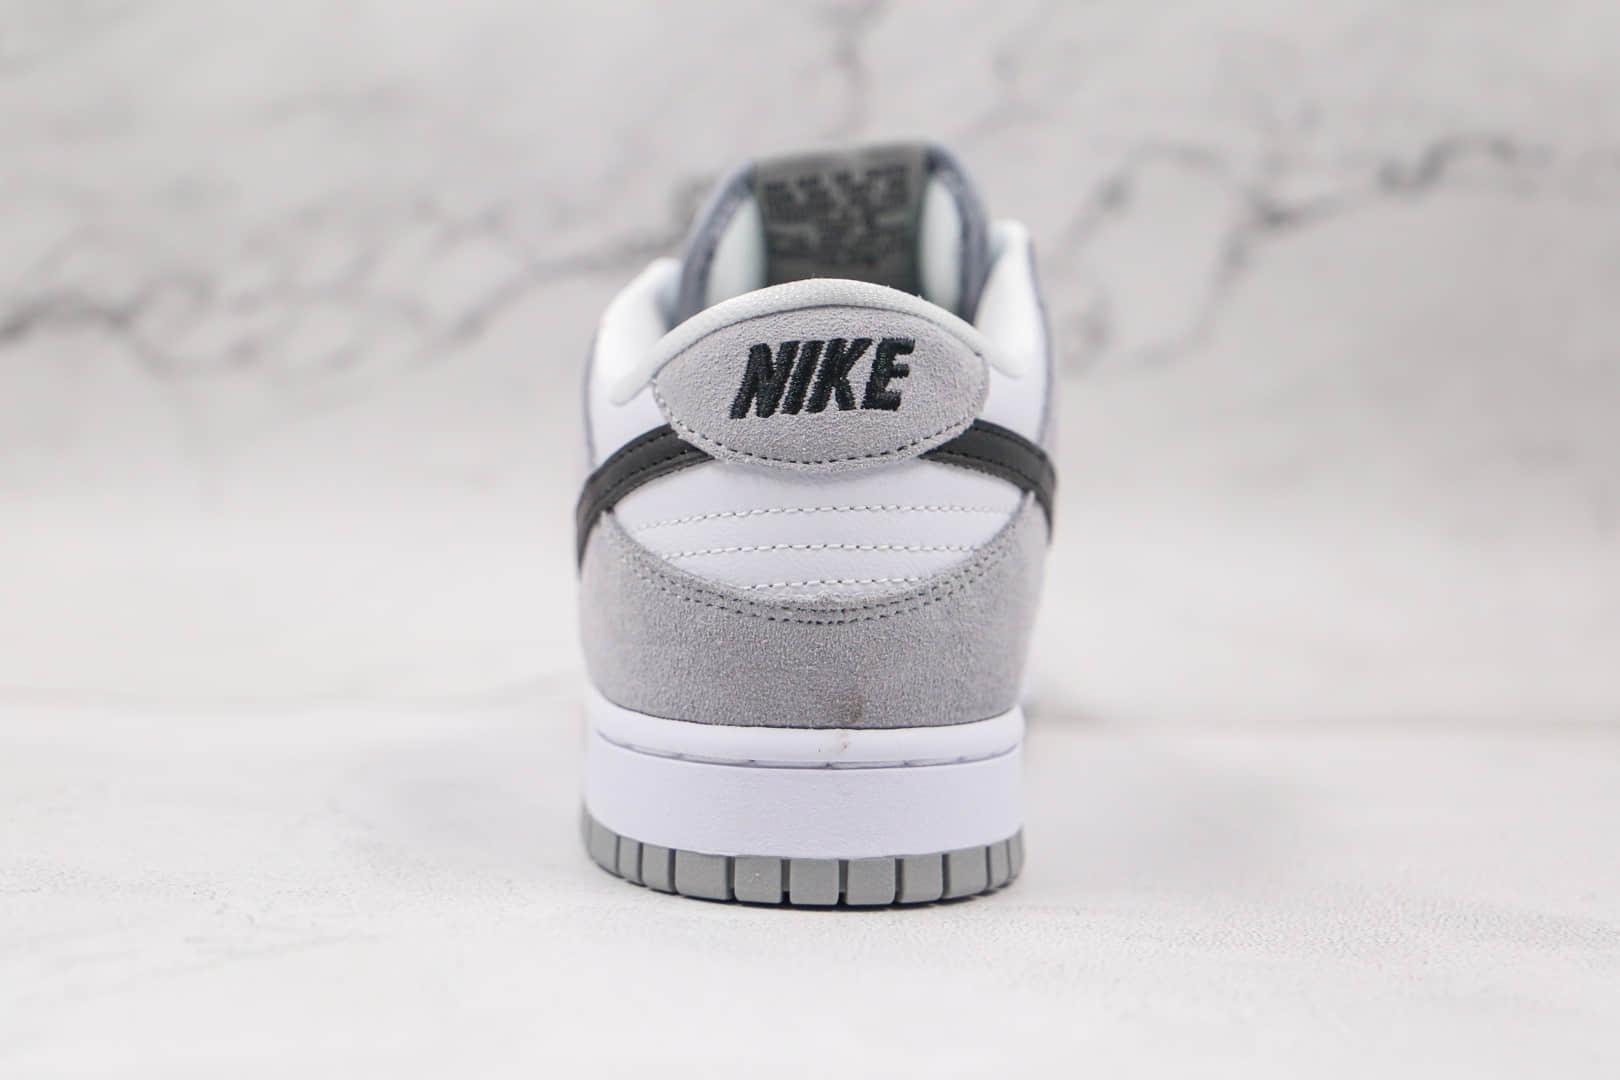 耐克NIKE SB DUNK HI DECON纯原版本低帮SB DUNK烟灰配色板鞋内置后跟Zoom气垫 货号:854866-012